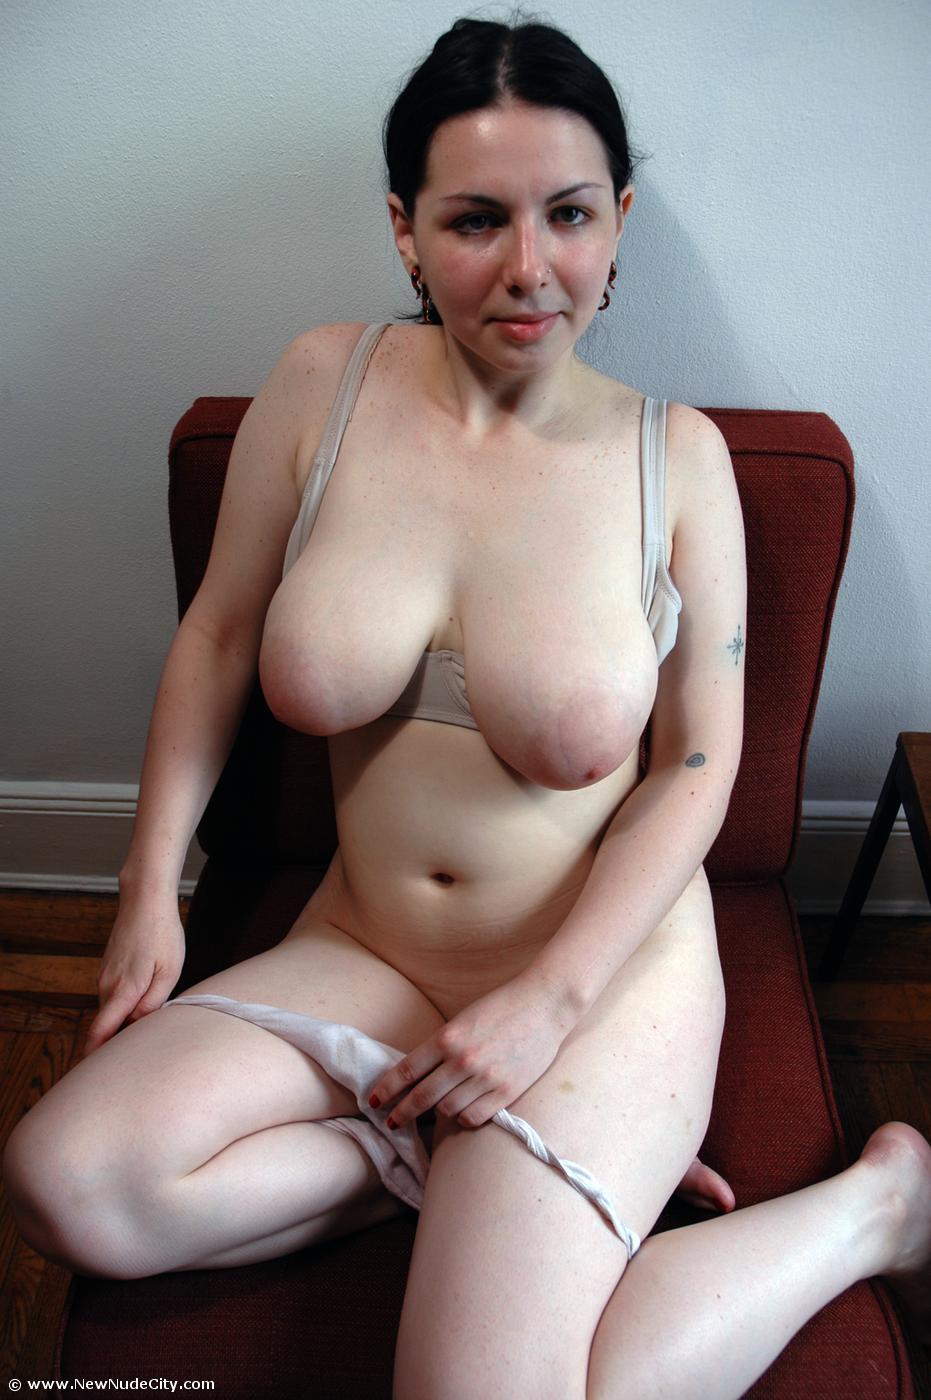 Mature amature gilfs nude